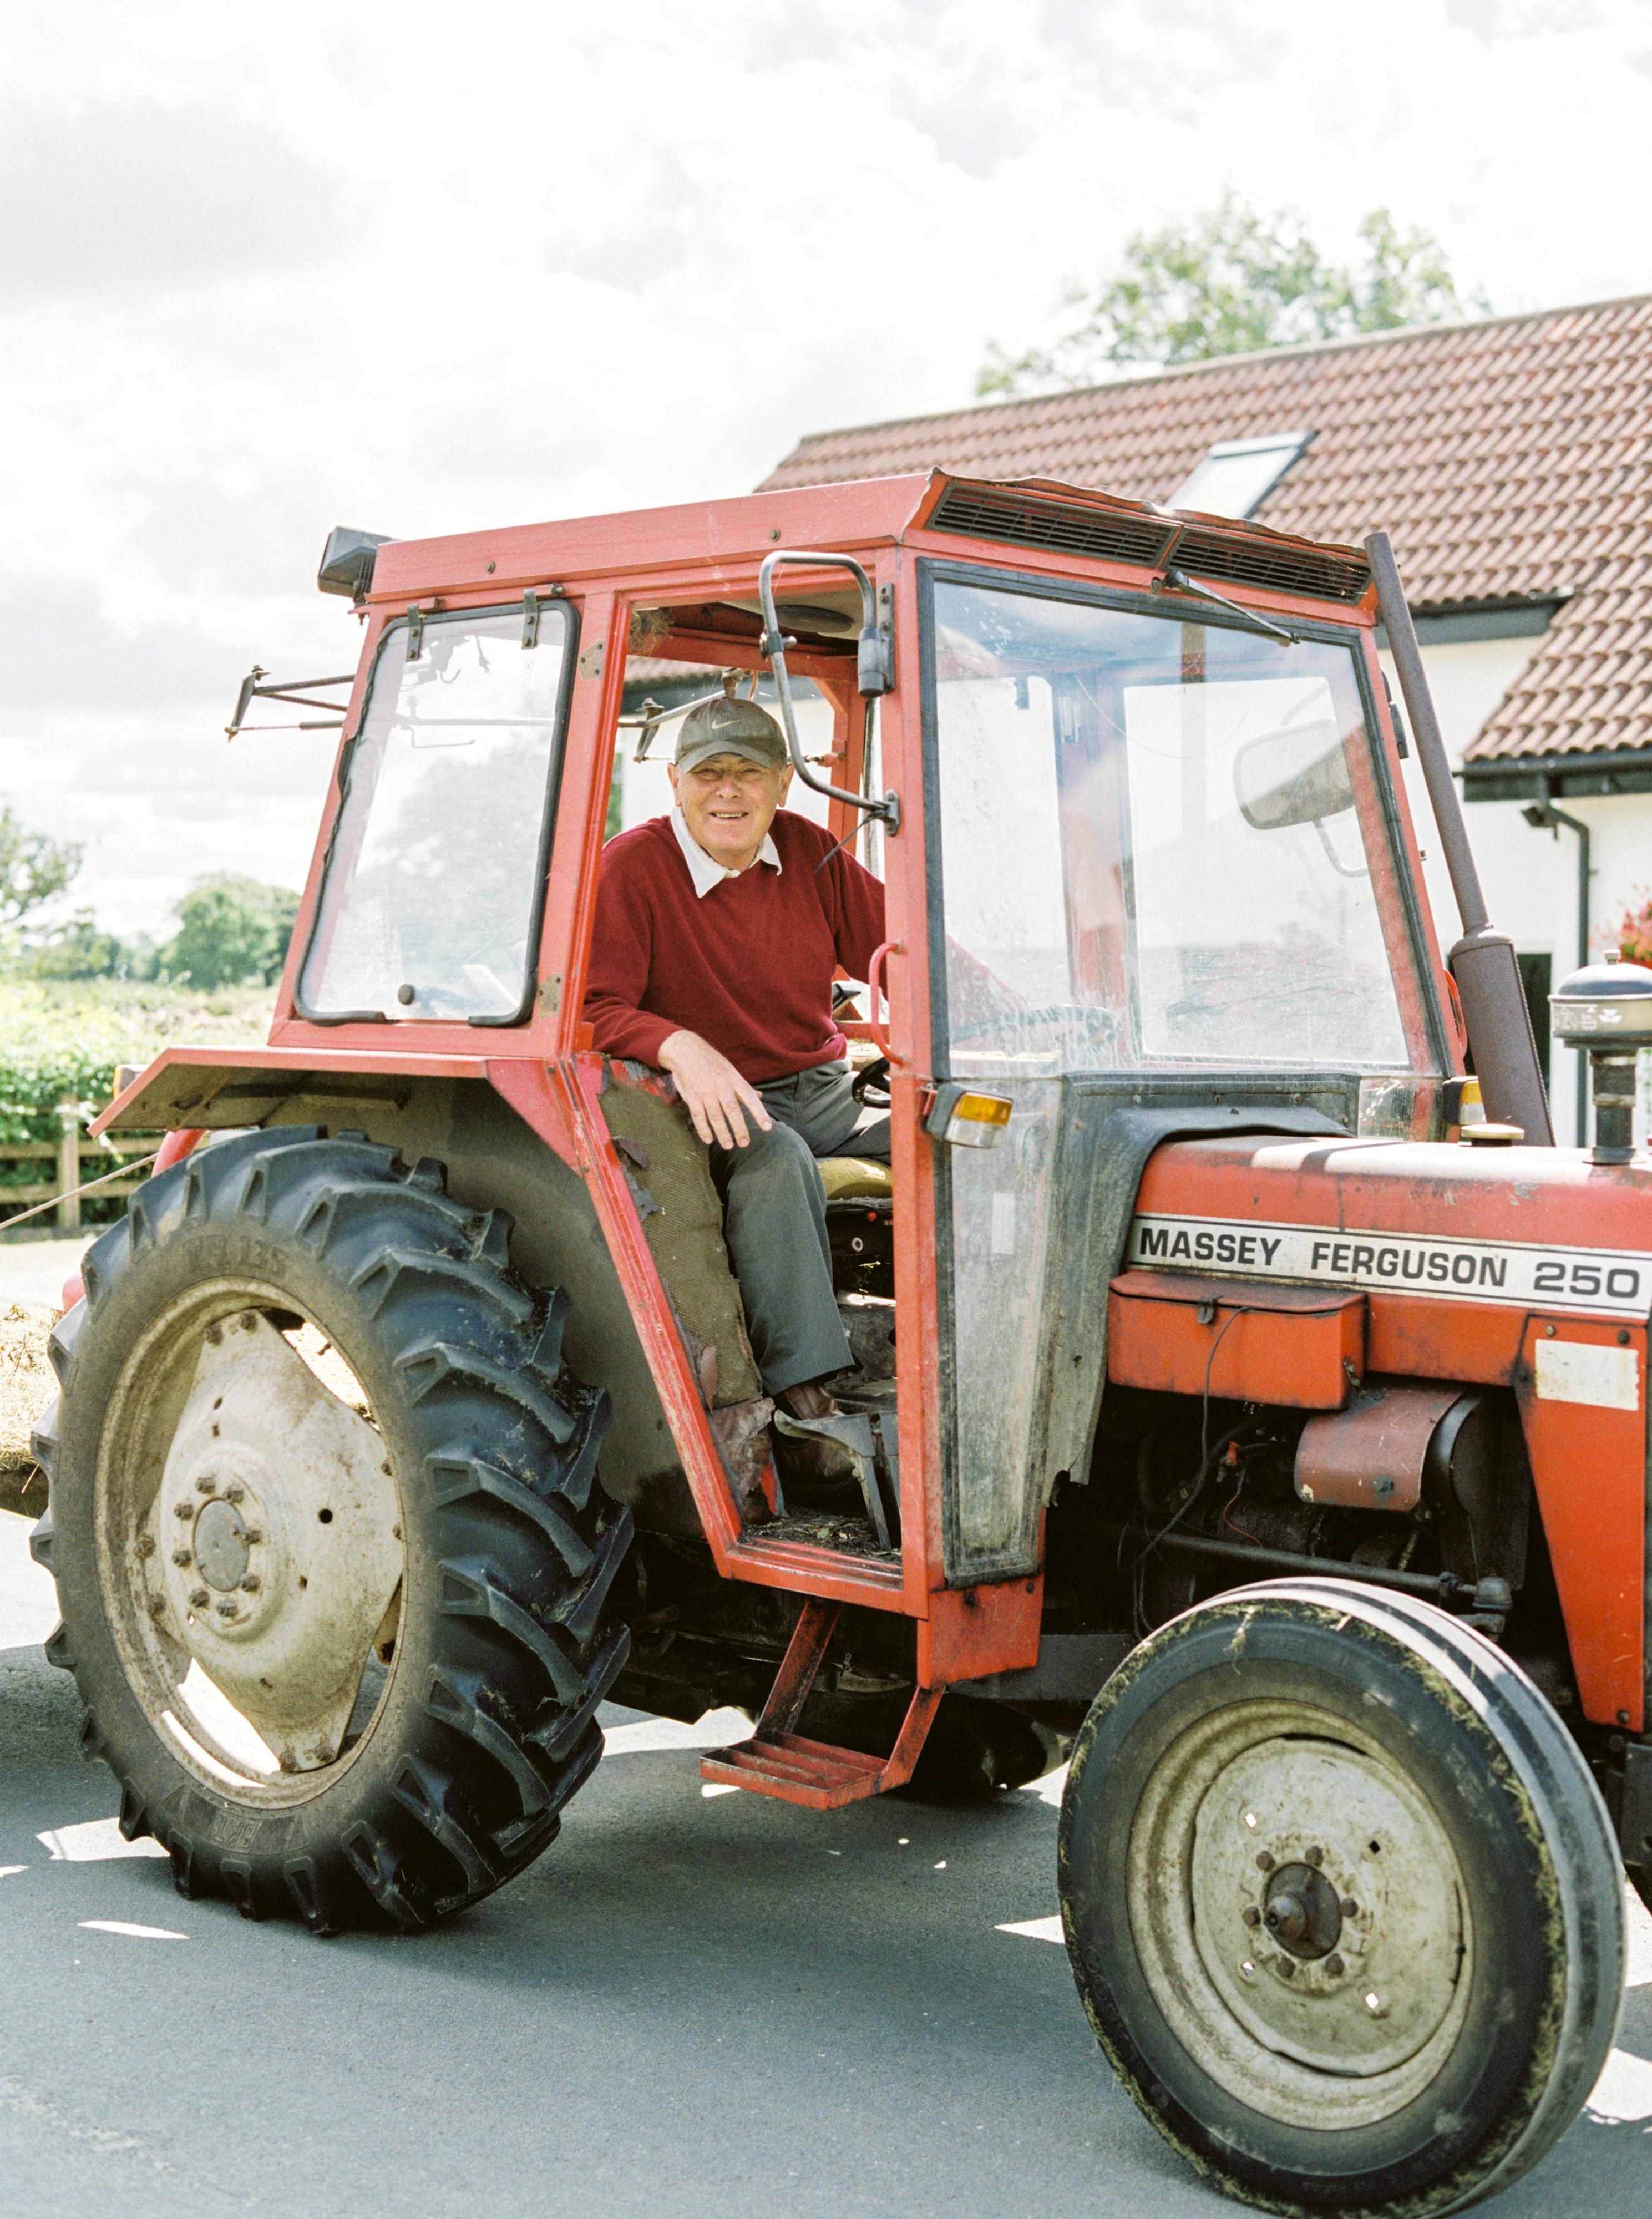 A local farmer